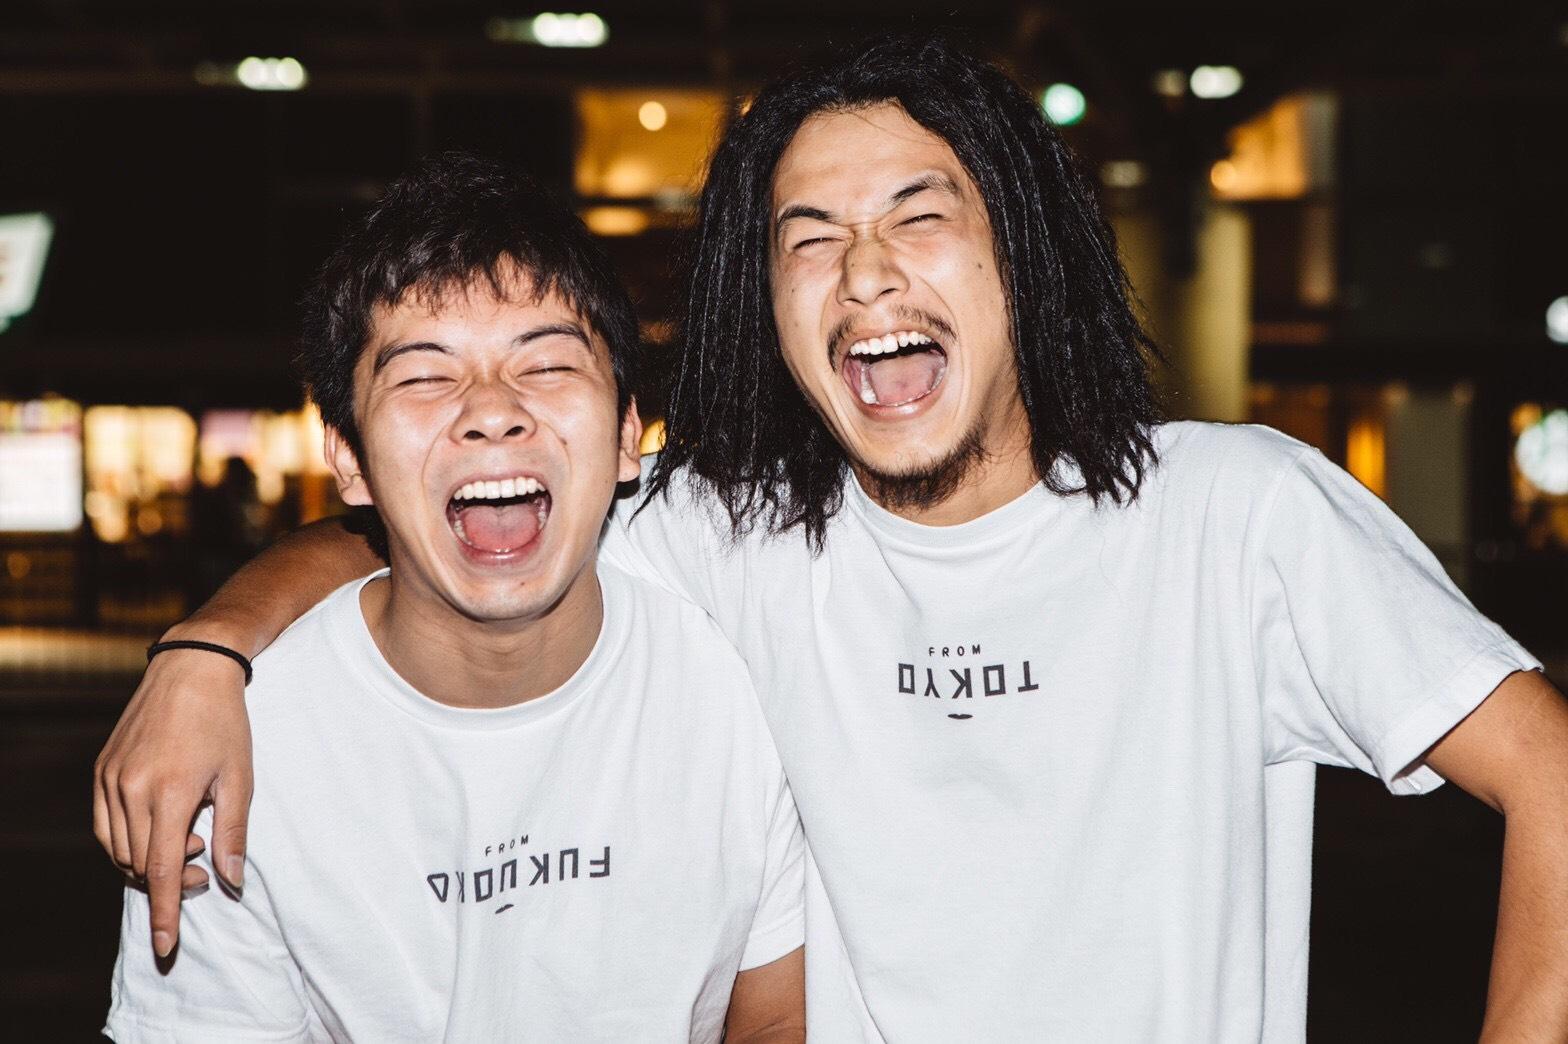 【関東】個性がない?日本人全員がもつ個性をプリントした出身地Tシャツを作りたい